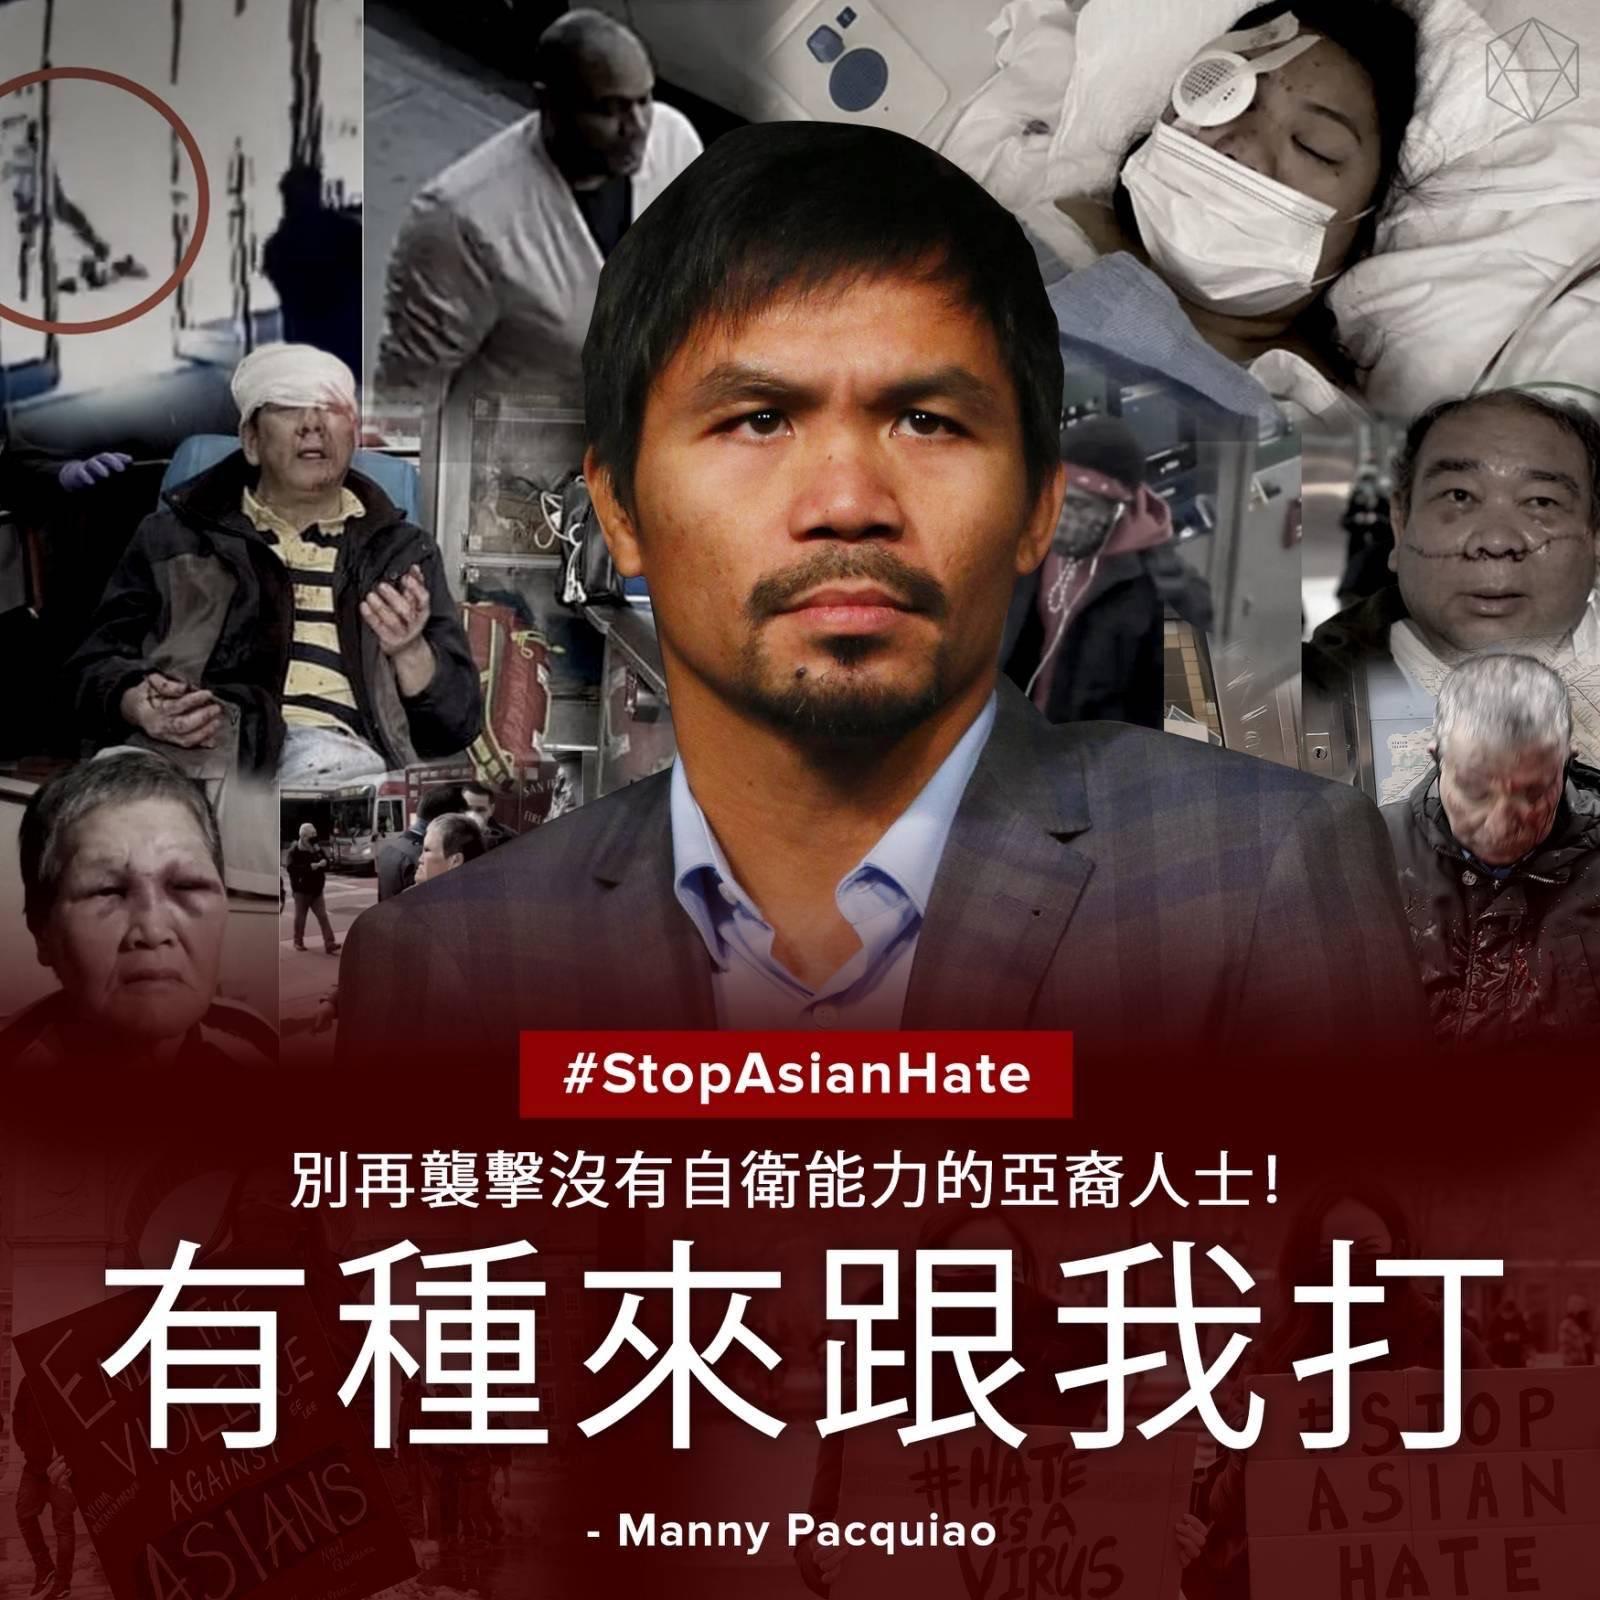 菲律宾拳王帕奎奥发声:别再袭击没有自卫能力的亚裔人士,有种来跟我打!